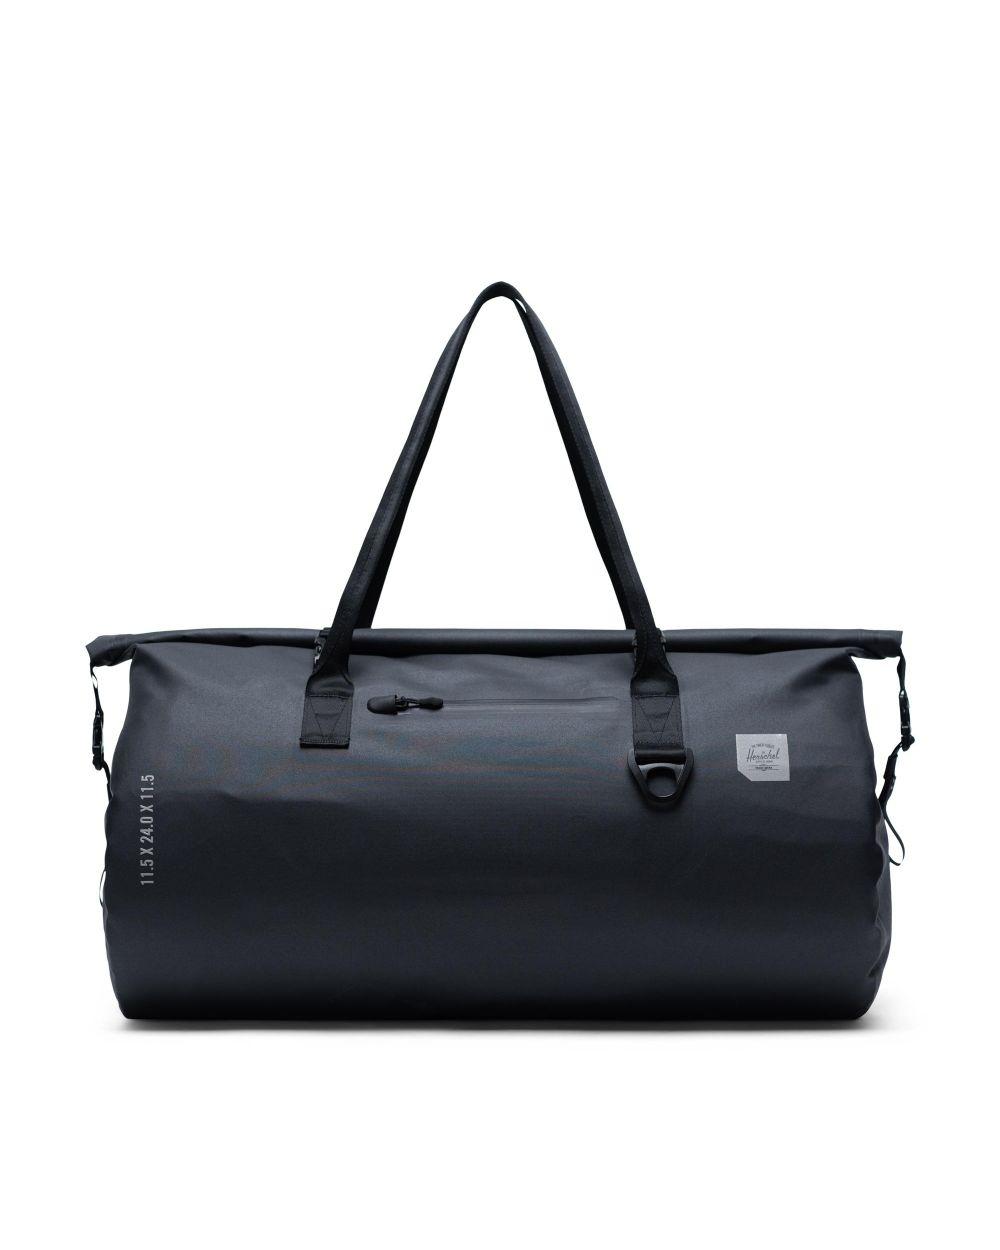 Herschel Supply Co Coast Duffle weekender bag; best weekender bags